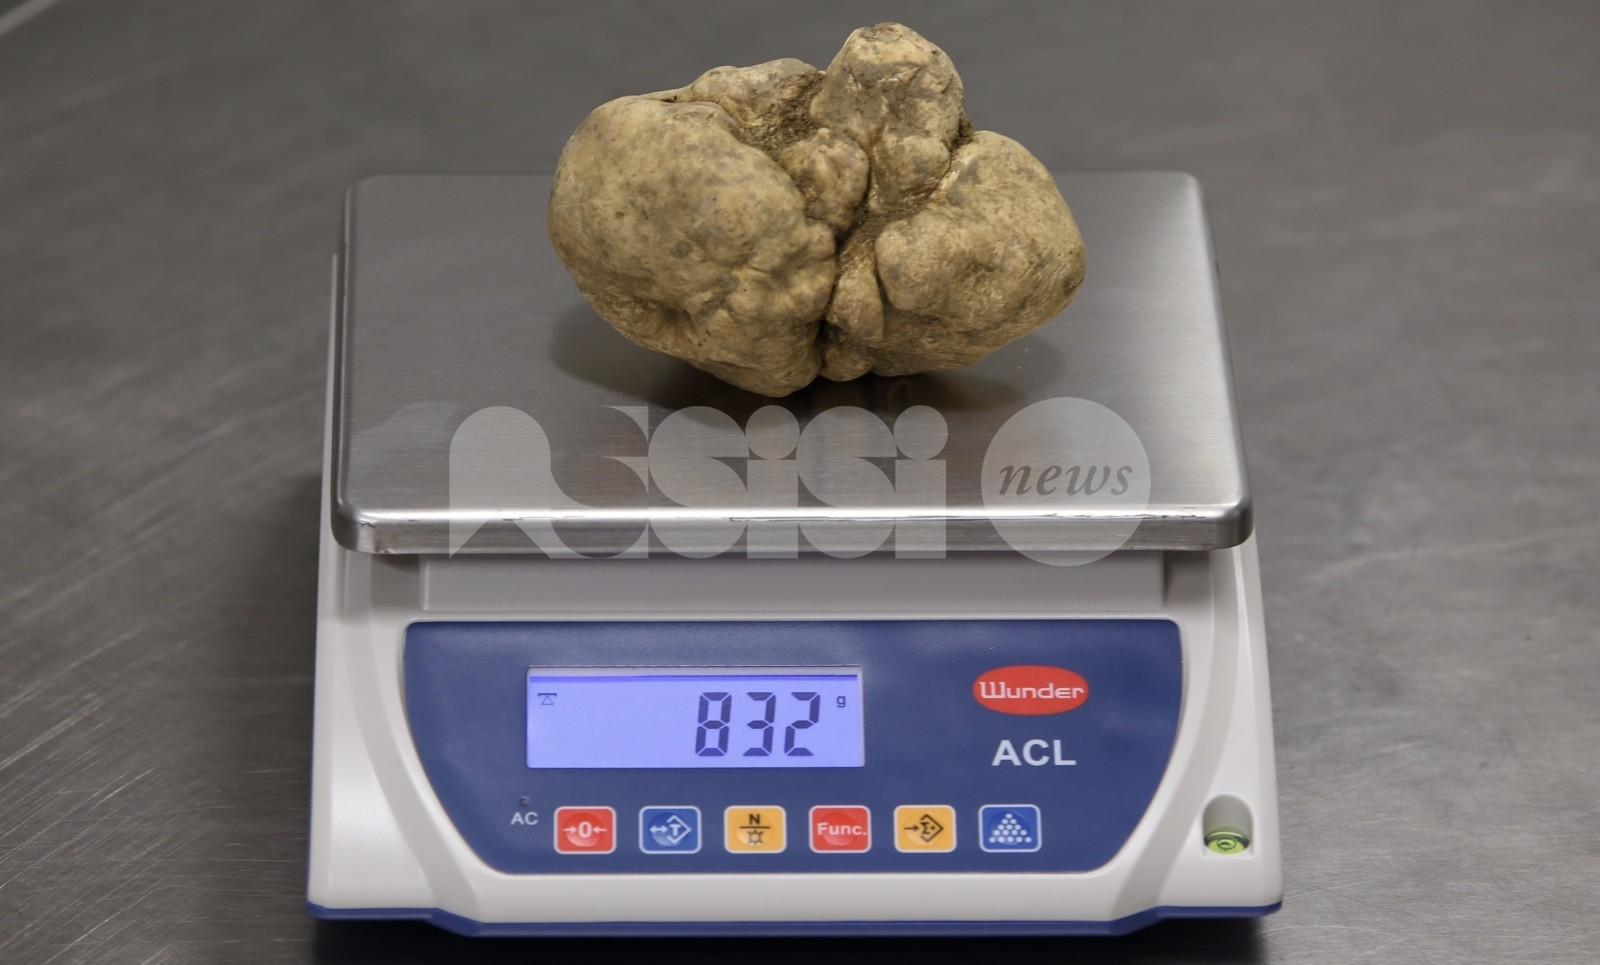 Maxi tartufo da record trovato a Spello: pesa 830 grammi (FOTO)